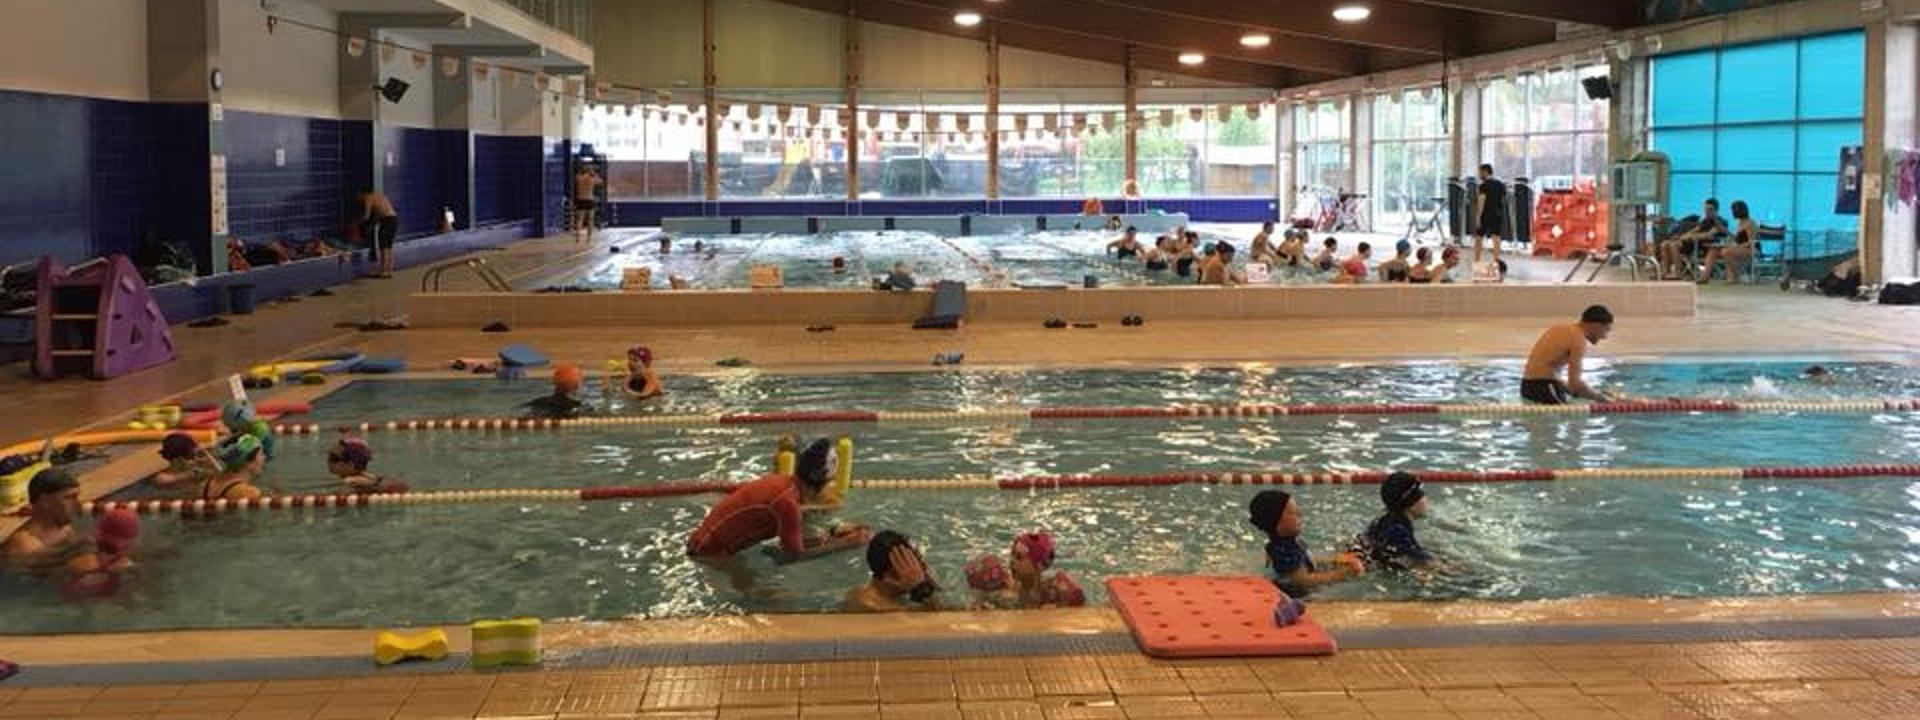 Foto: la piscina. Comune di Zola Predosa